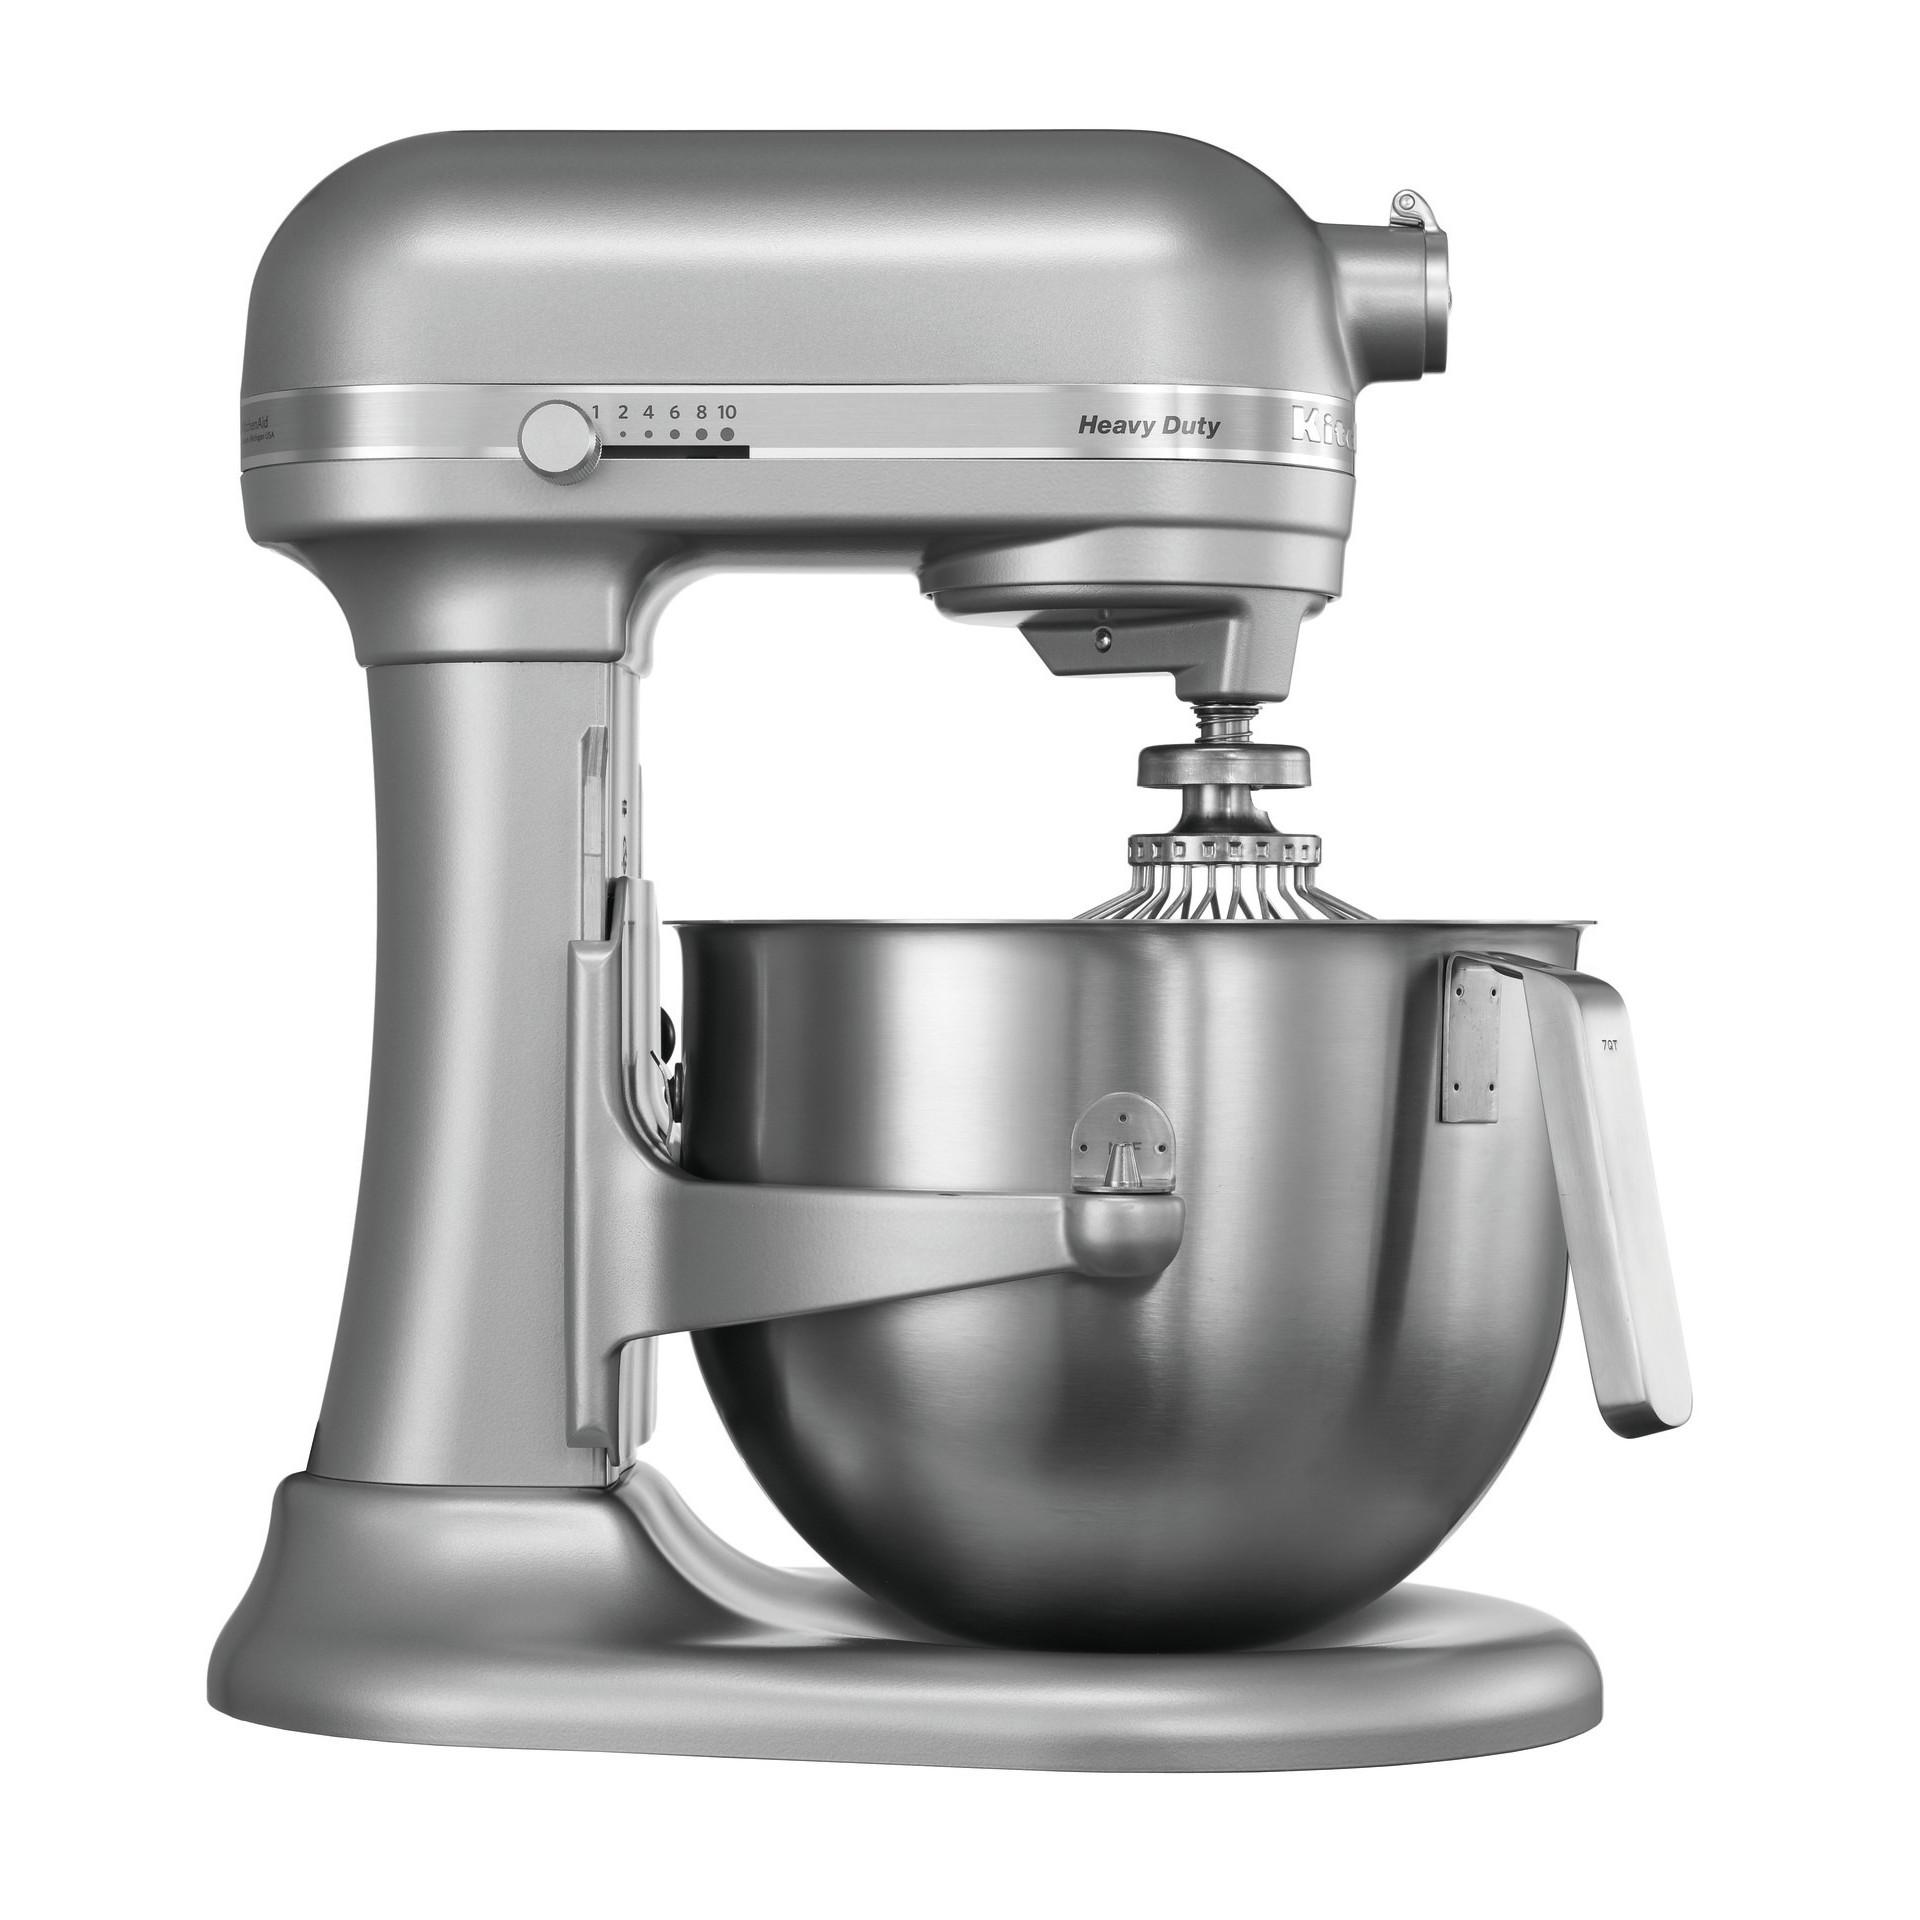 Küchenmaschine Heavy Duty 6,90 l / 230 V / silber